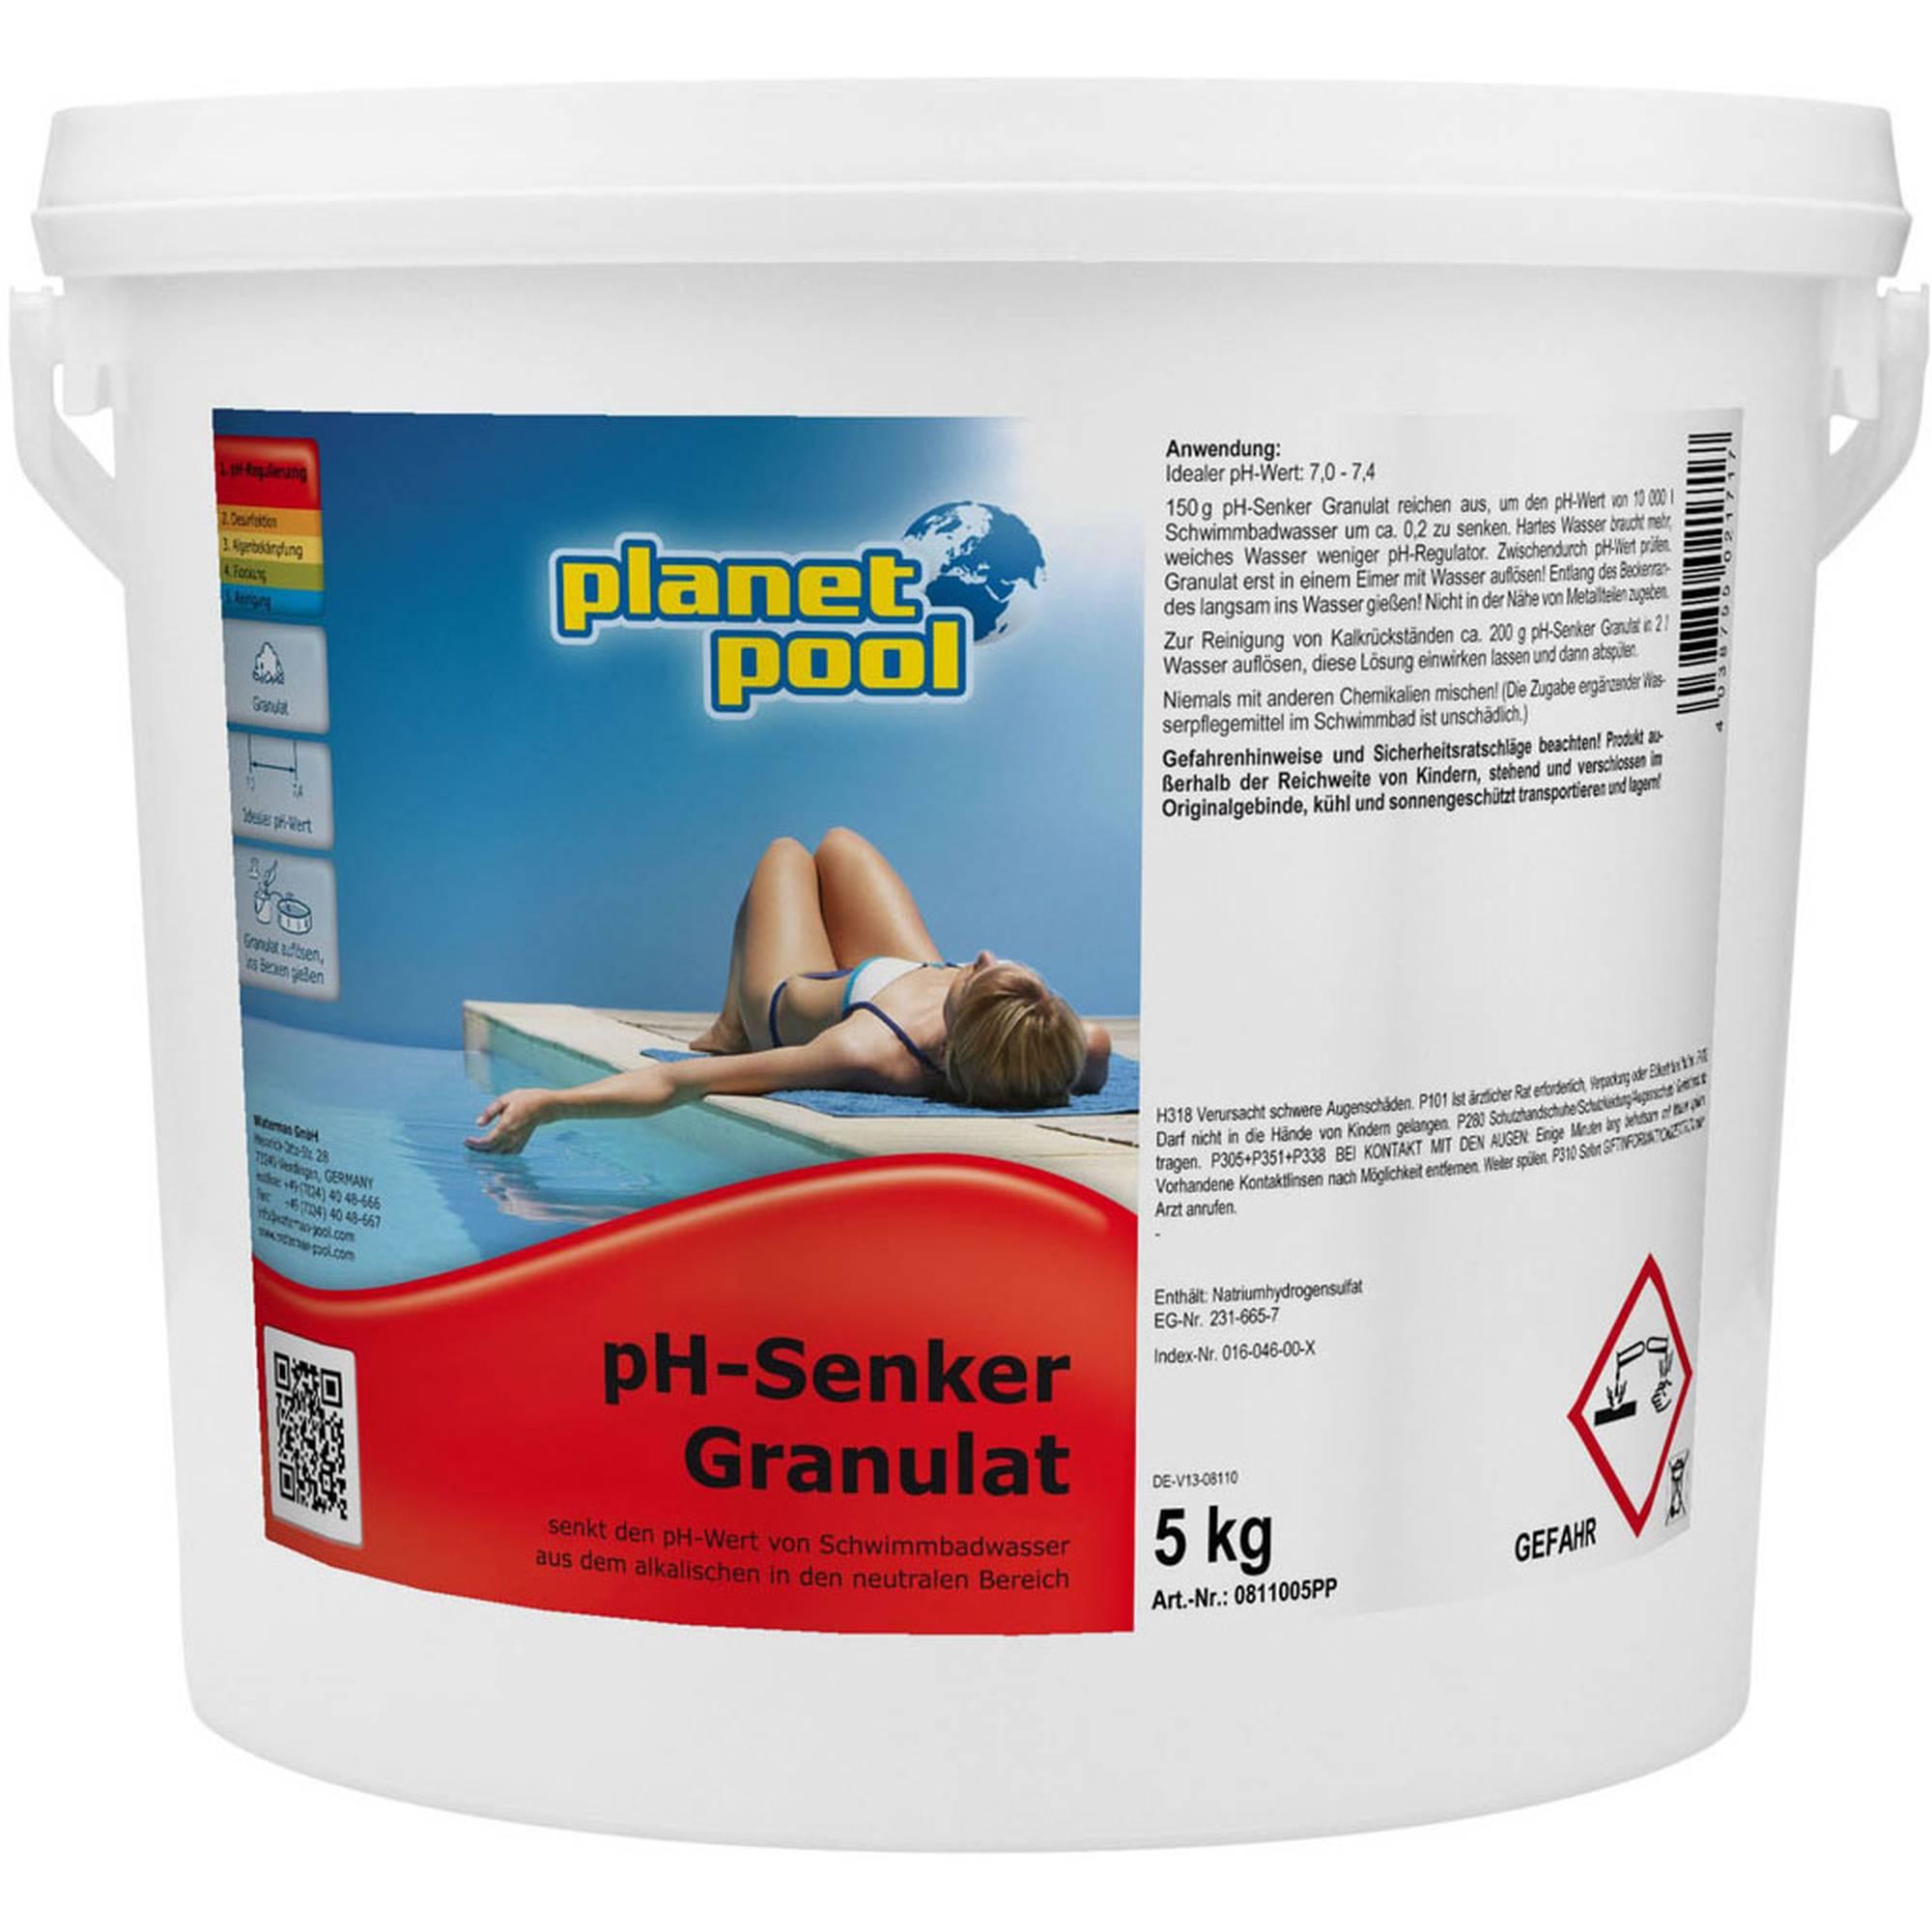 PLANET POOL pH-Senker Granulat 5 kg